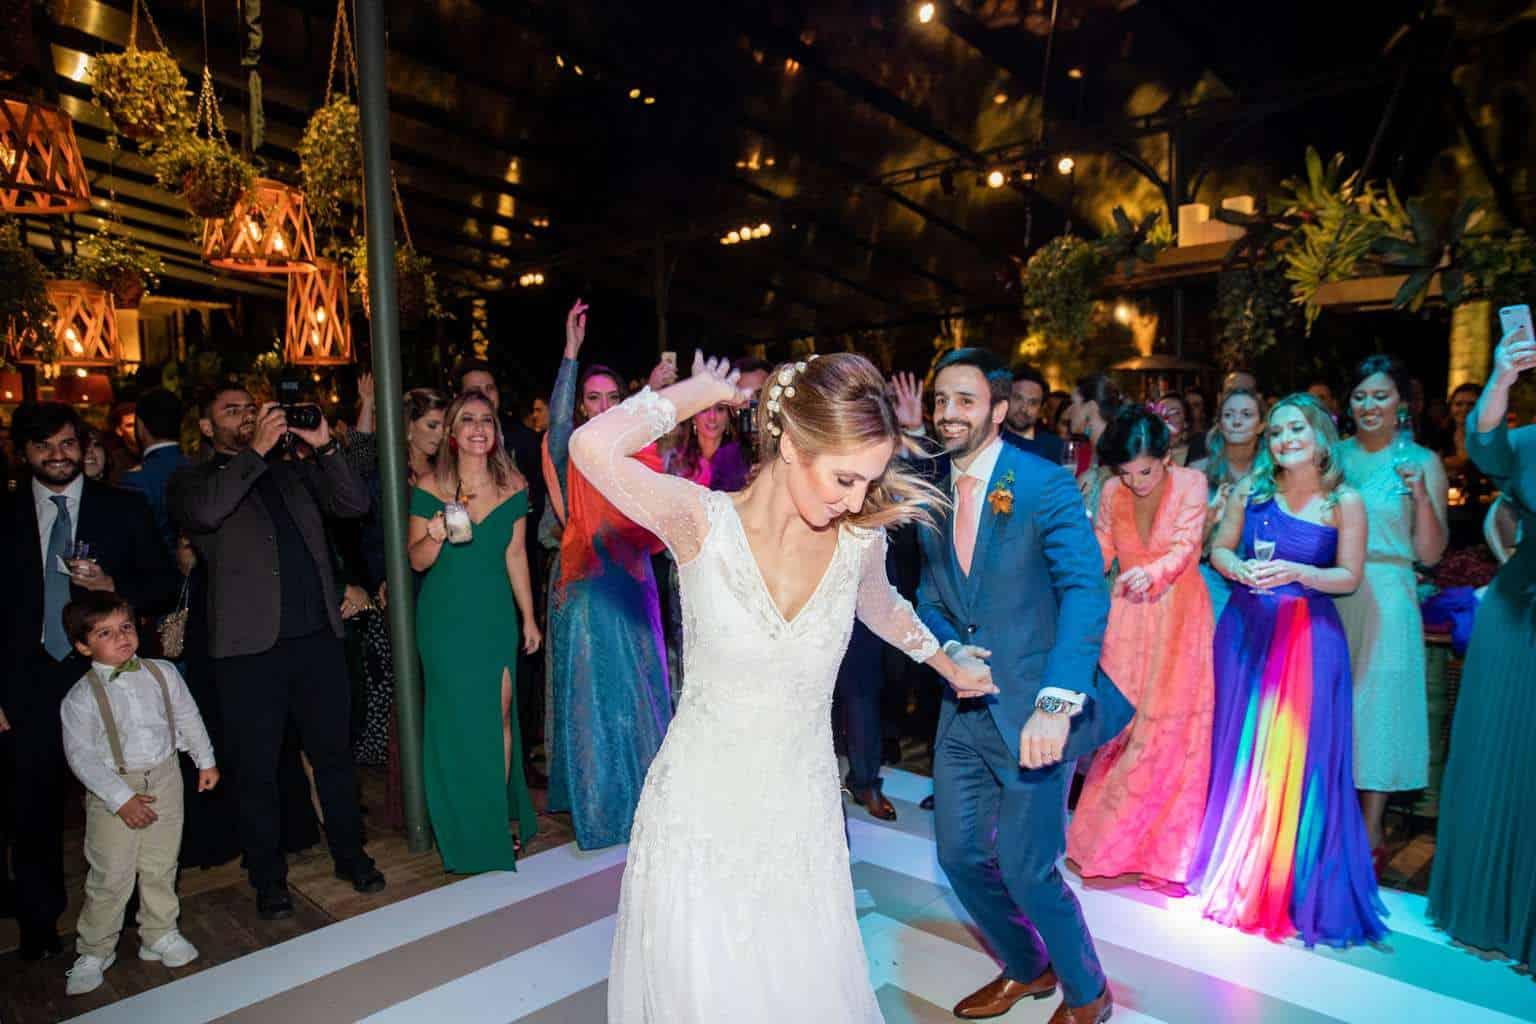 casamento-Camila-e-Diogo-casamento-na-fazenda-casamento-na-serra-casamento-romântico-destination-wedding-Fazenda-Santo-Antonio-festa-Fotografia-Rodrigo-Sack-80